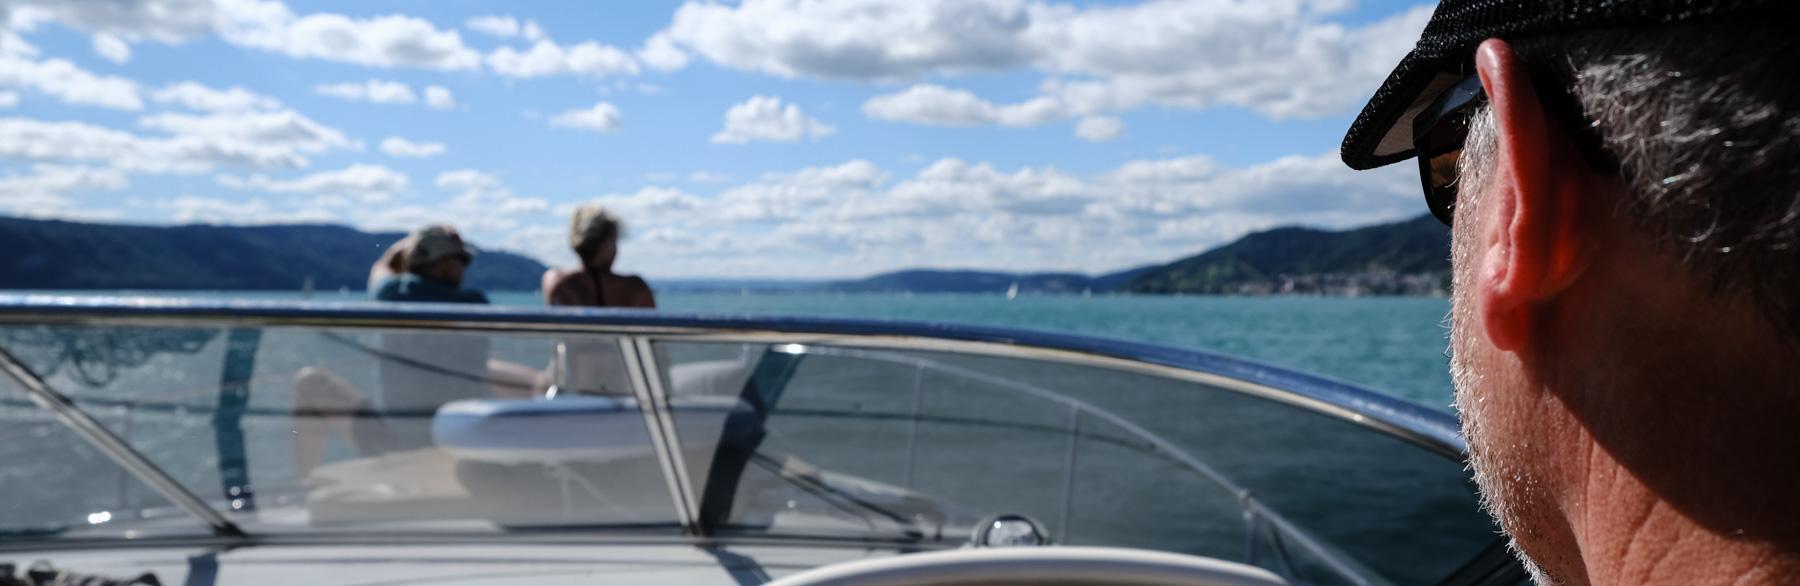 Ausflug Bodensee